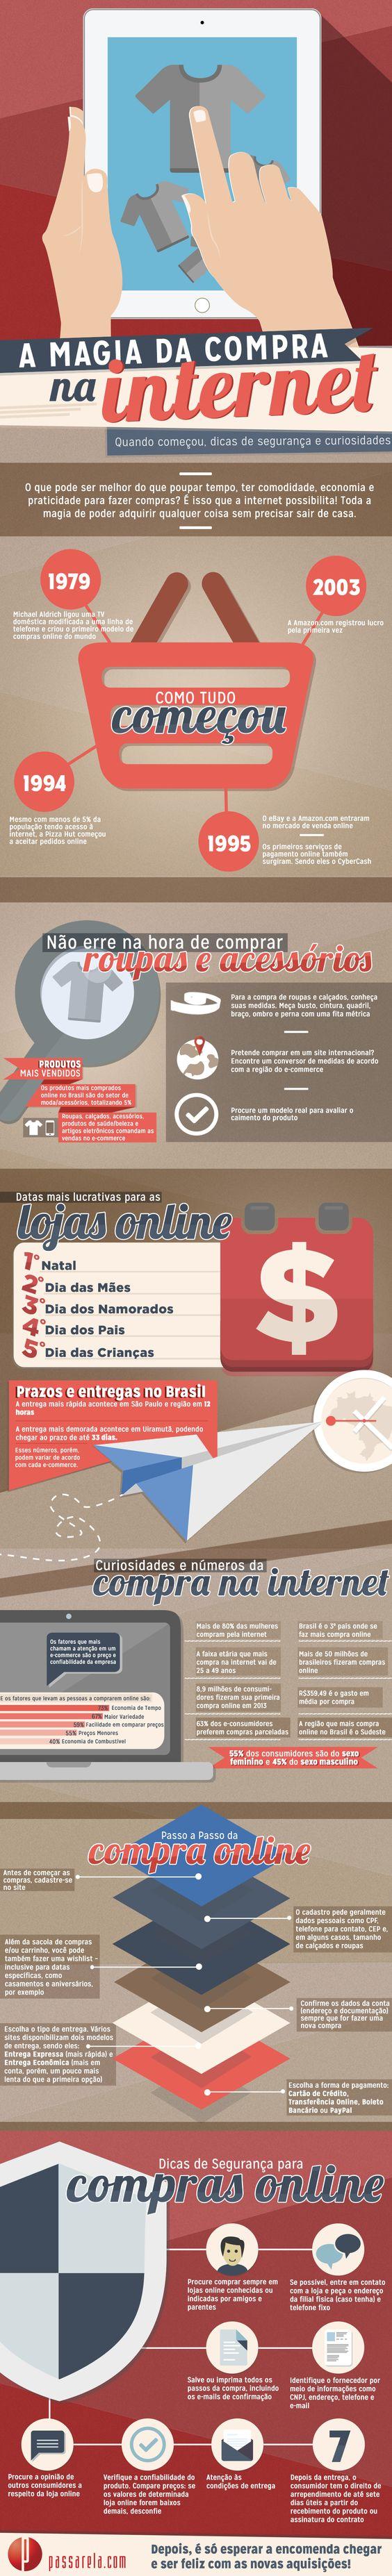 Infográfico: Como fazer compras online com segurança!